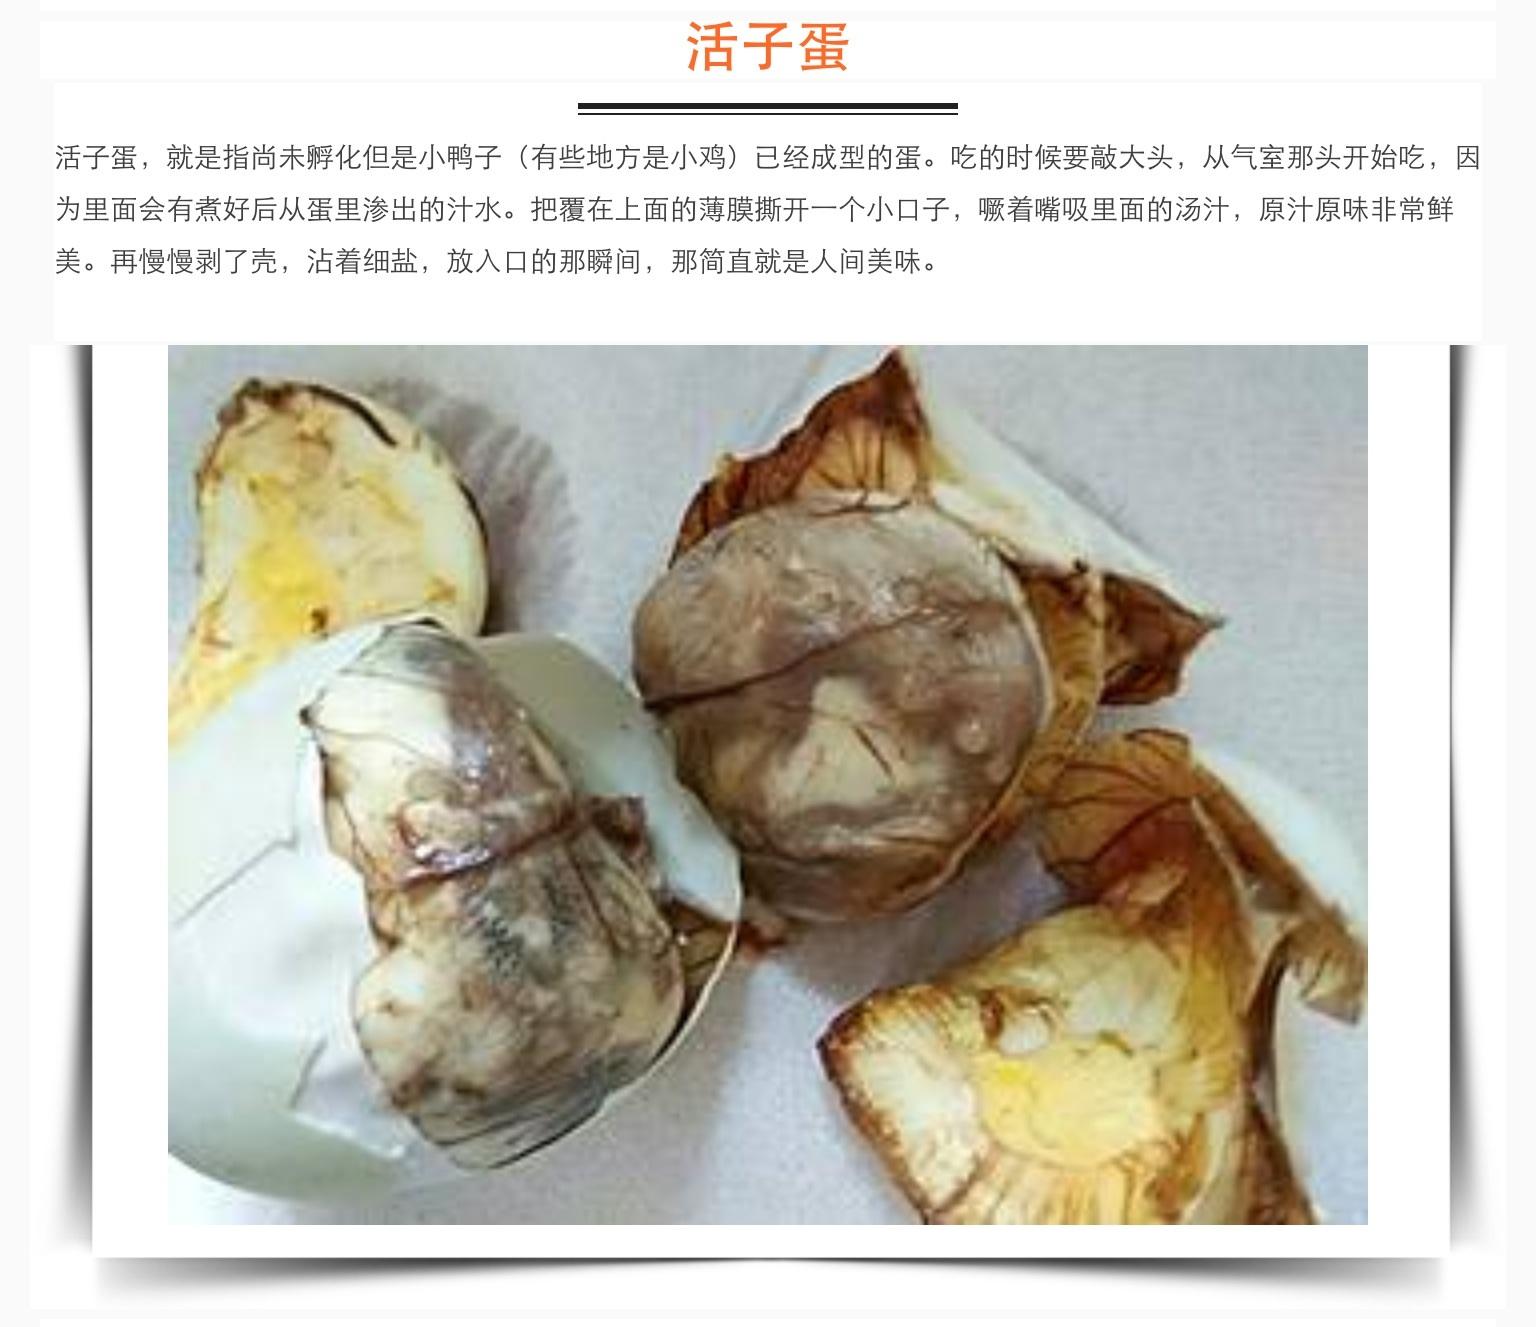 子的大鸡把_出售绿壳鸡苗,绿壳鸡蛋,活子蛋也可以,大鸡都有,年头鸭苗